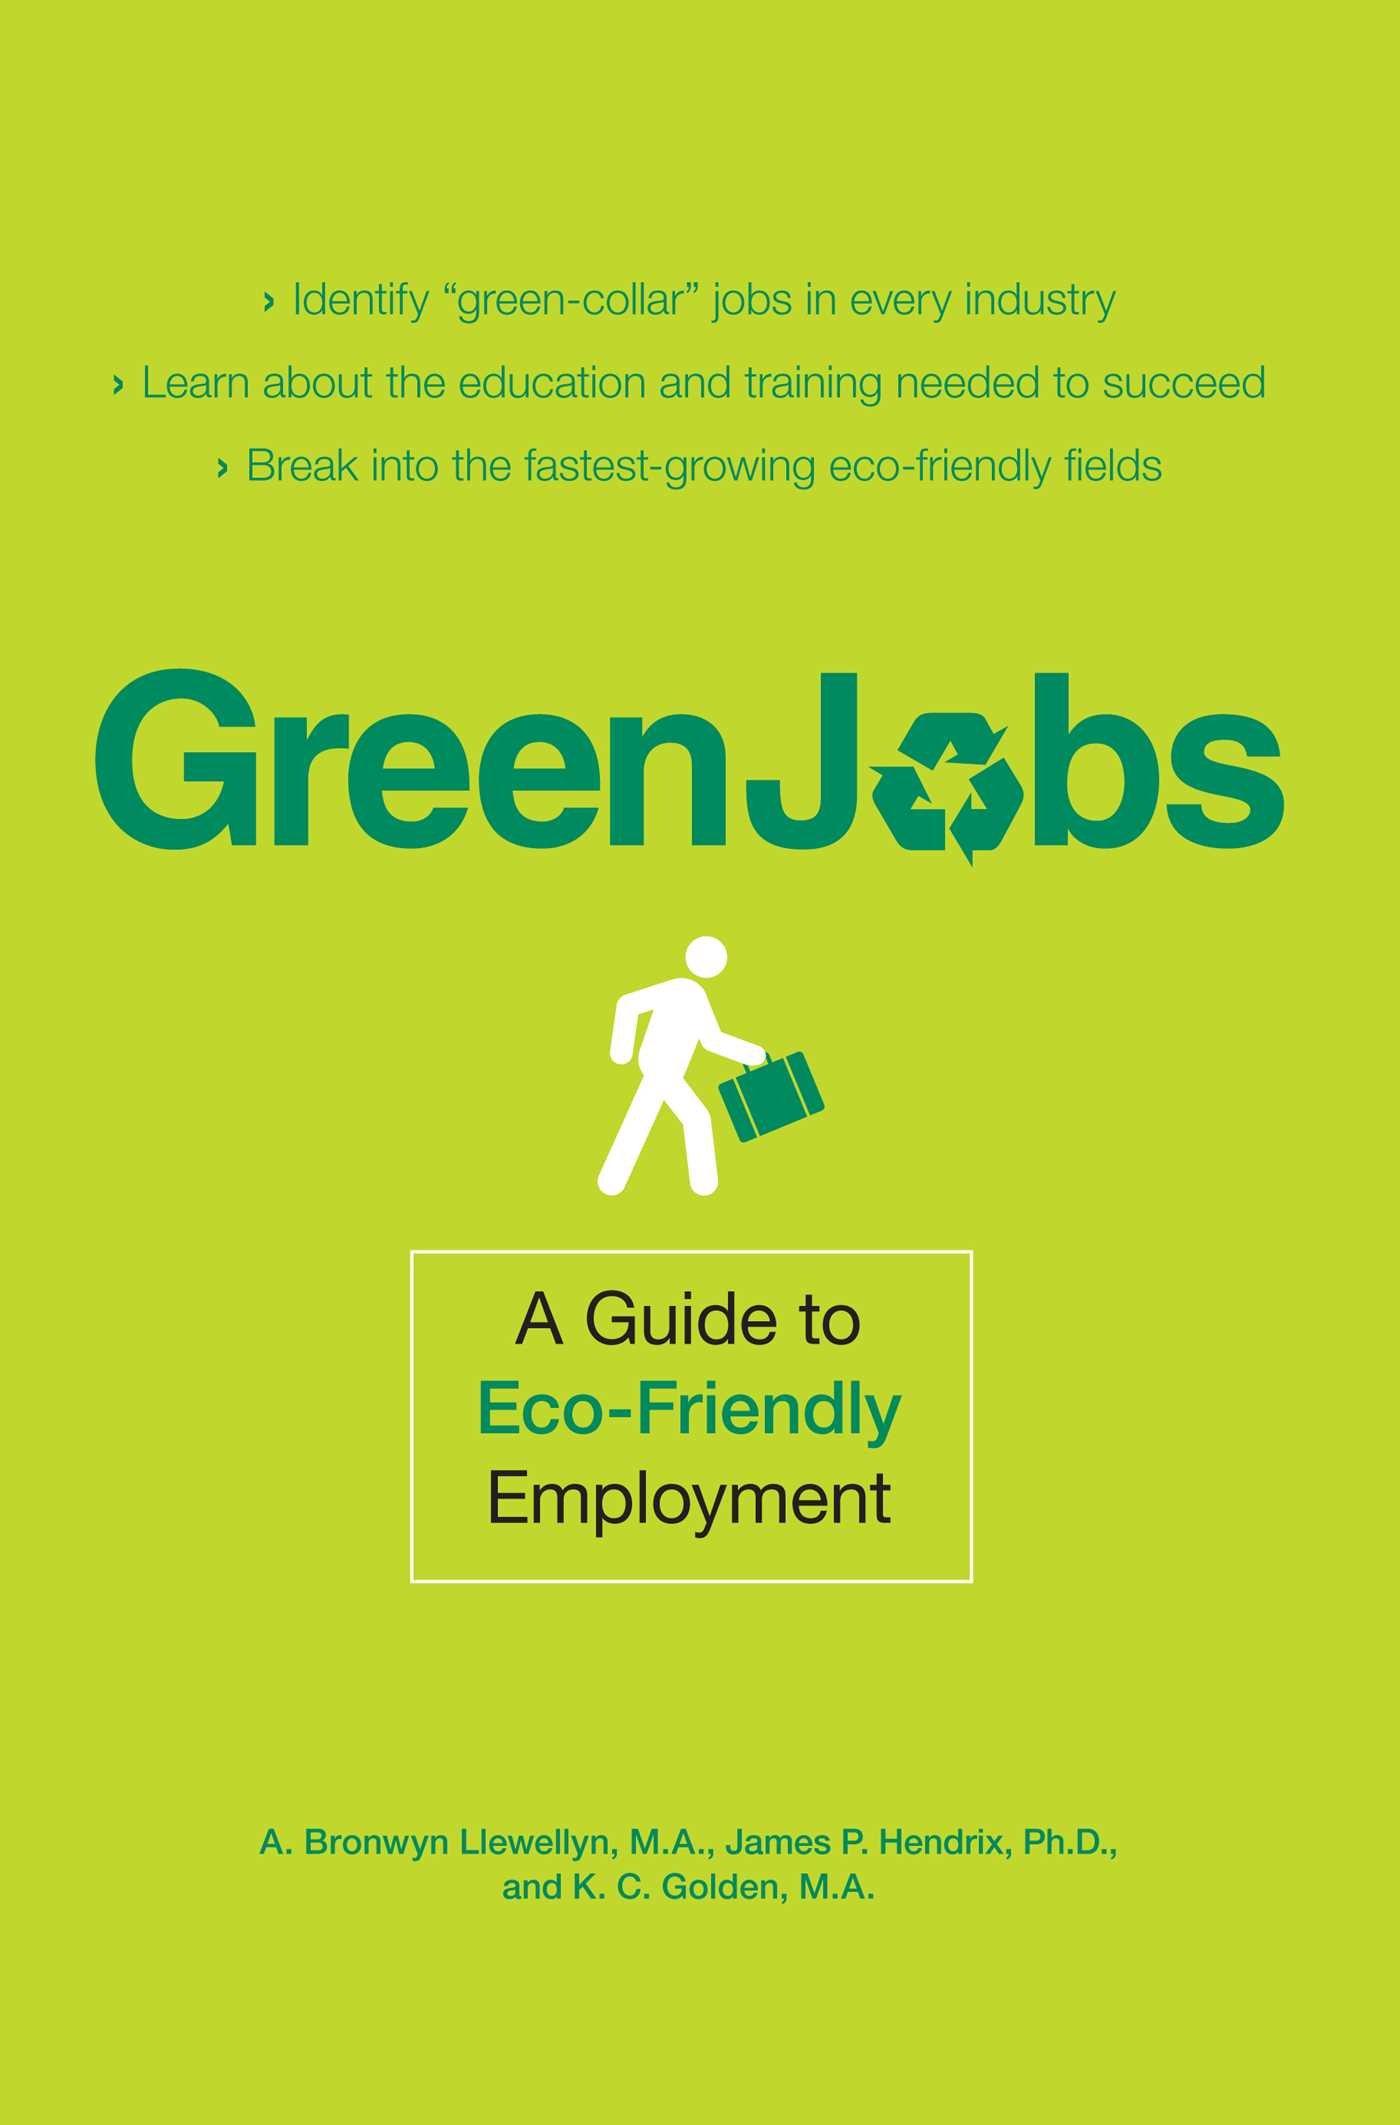 9cd27685983 Green Jobs  A Guide to Eco-Friendly Employment  A. Bronwyn Llewellyn ...